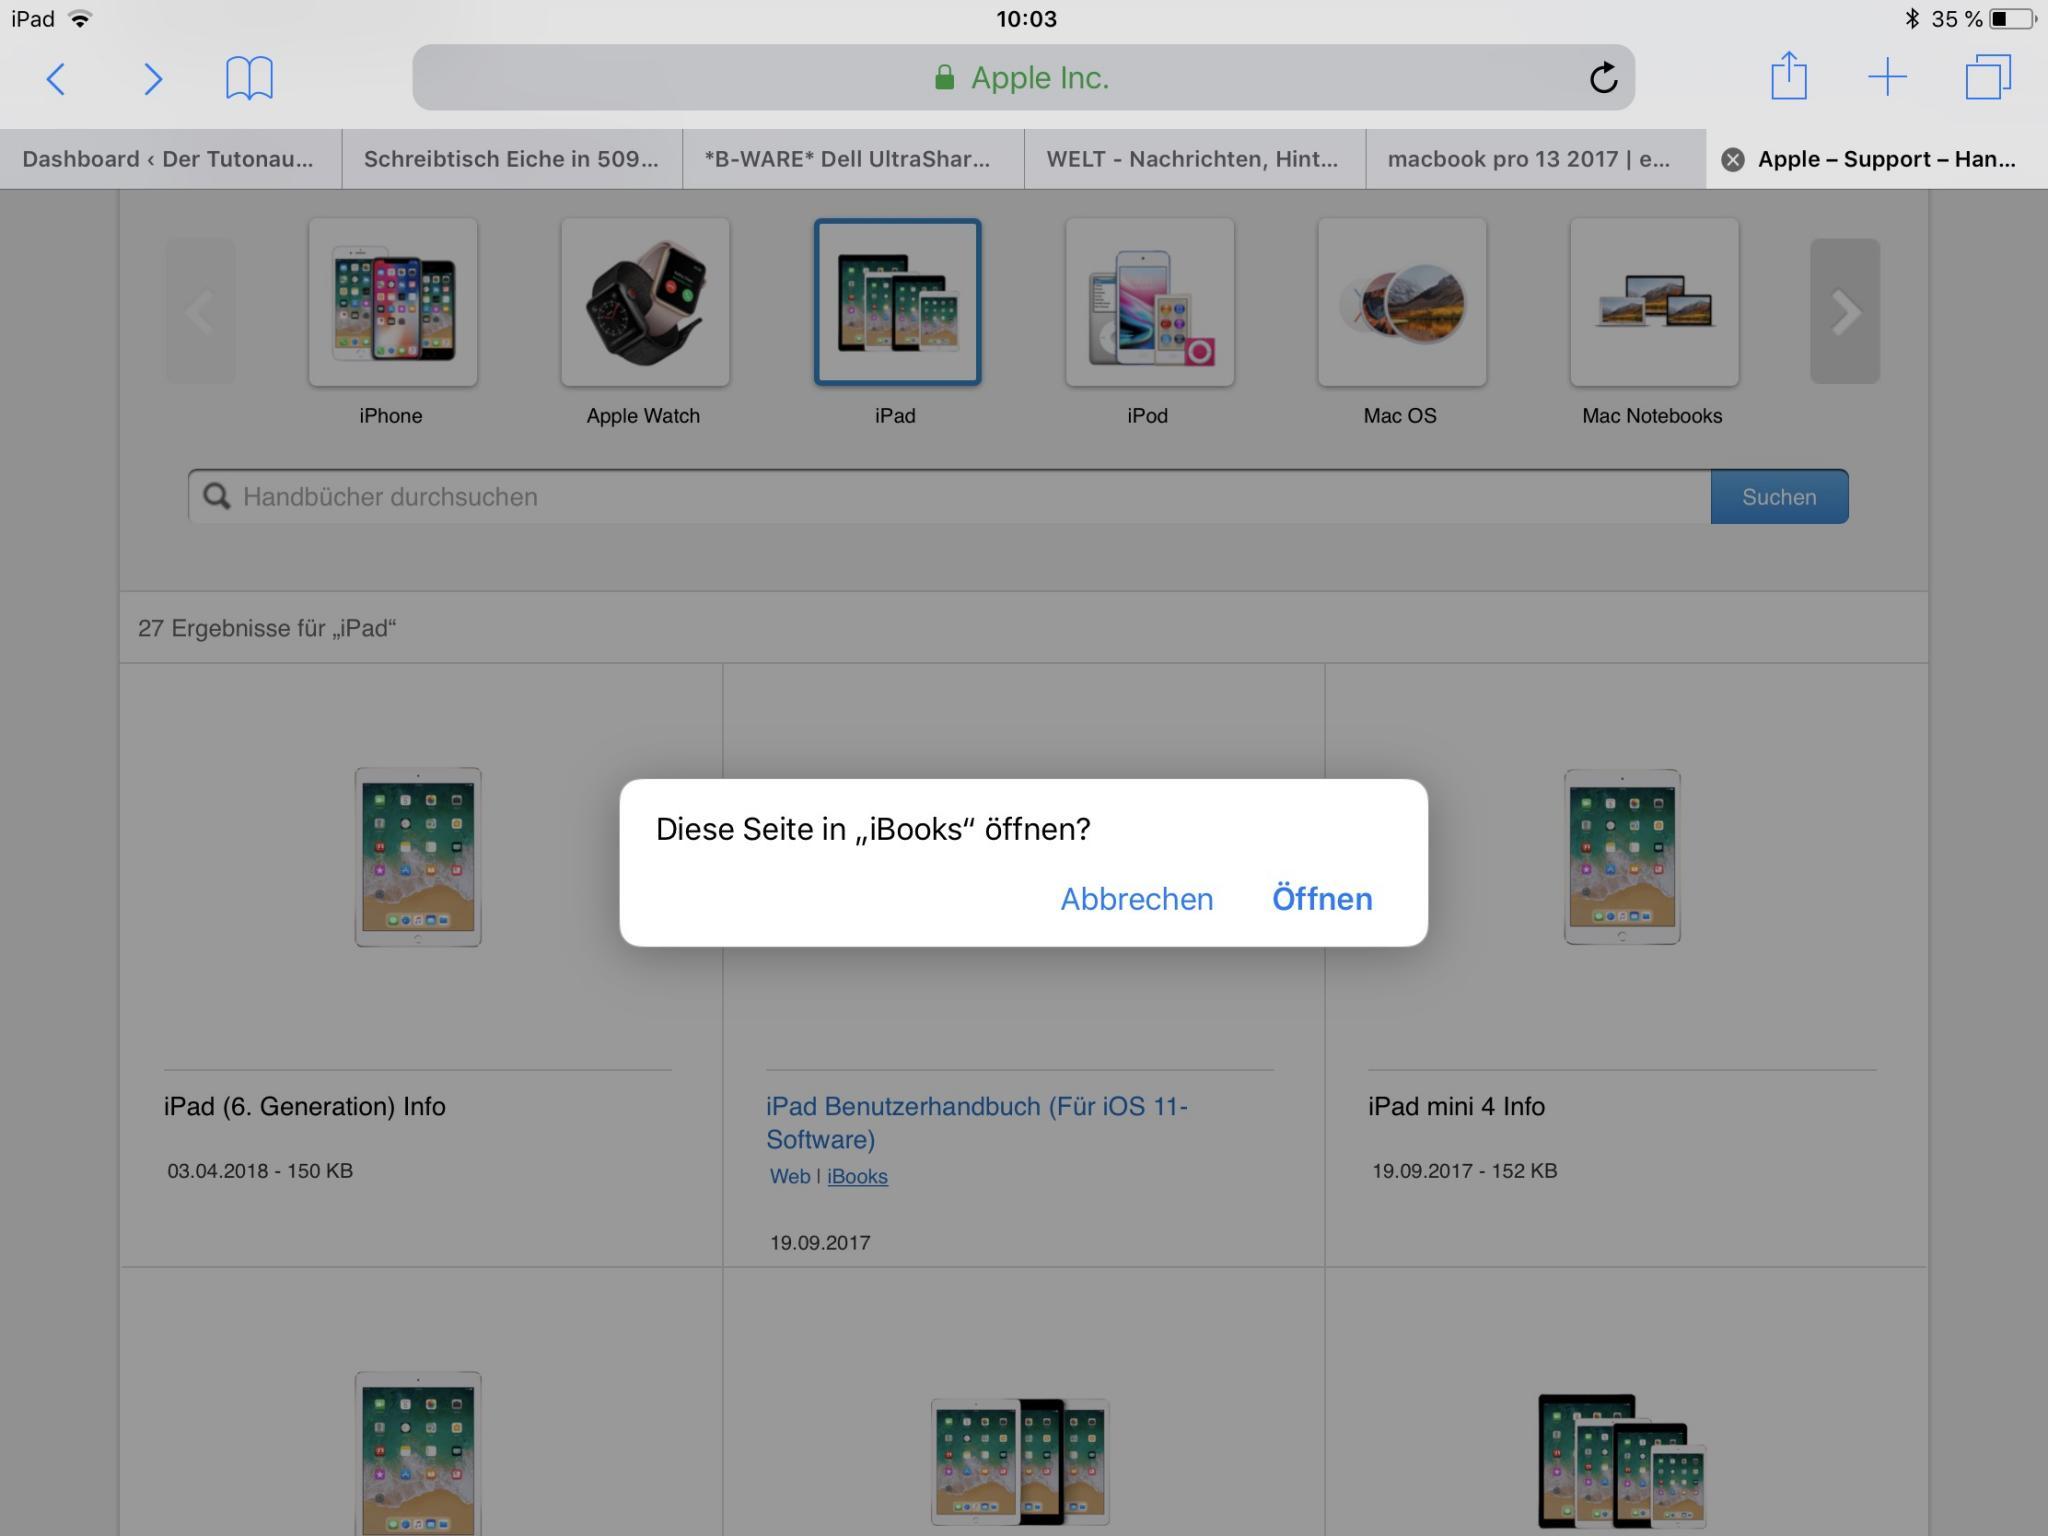 Der Link öffnet die iBooks-App.